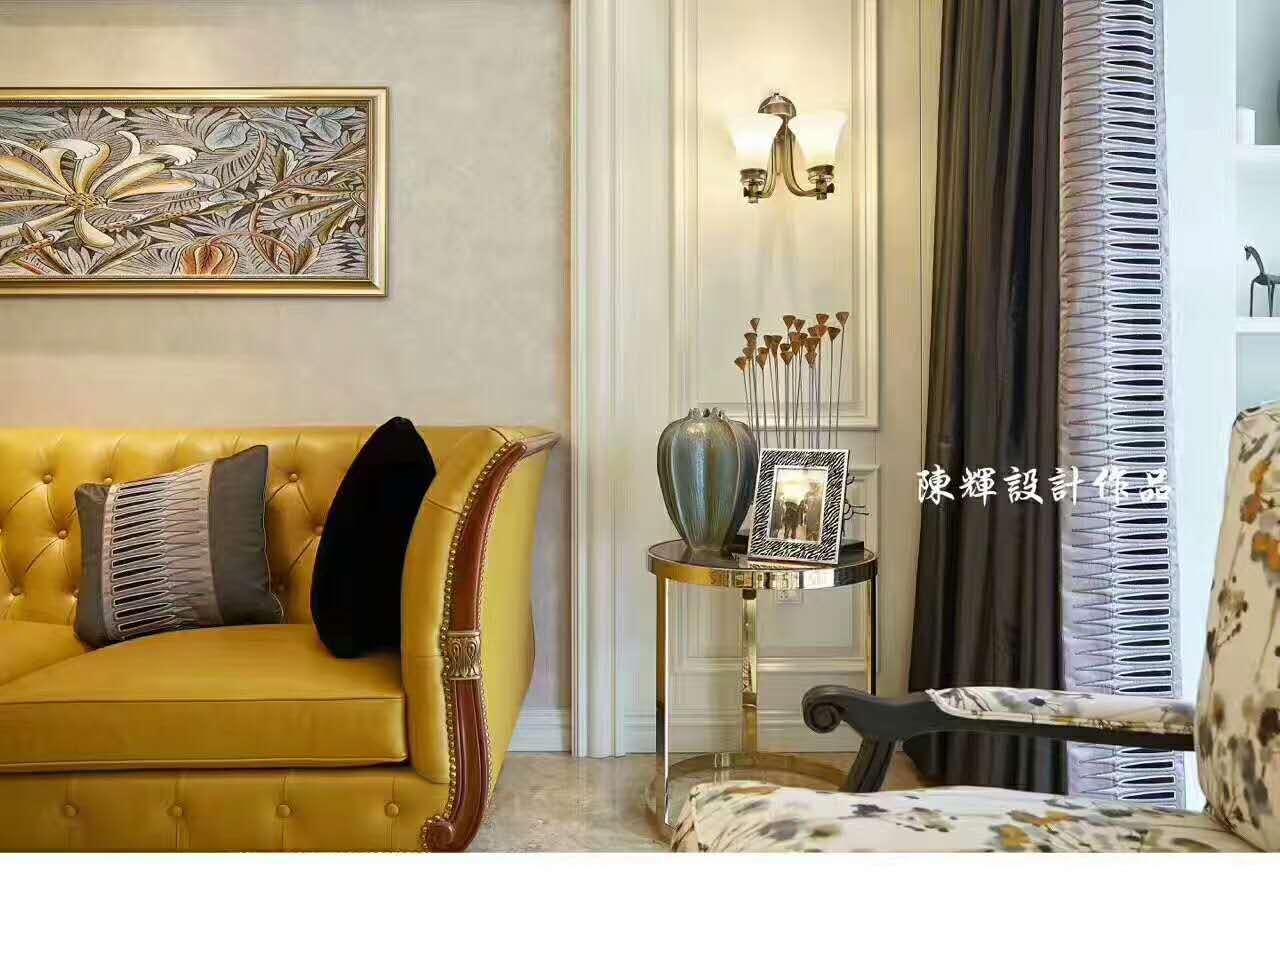 客厅图片来自日升嬛嬛在西市佳境四居室现代美式风格装修的分享